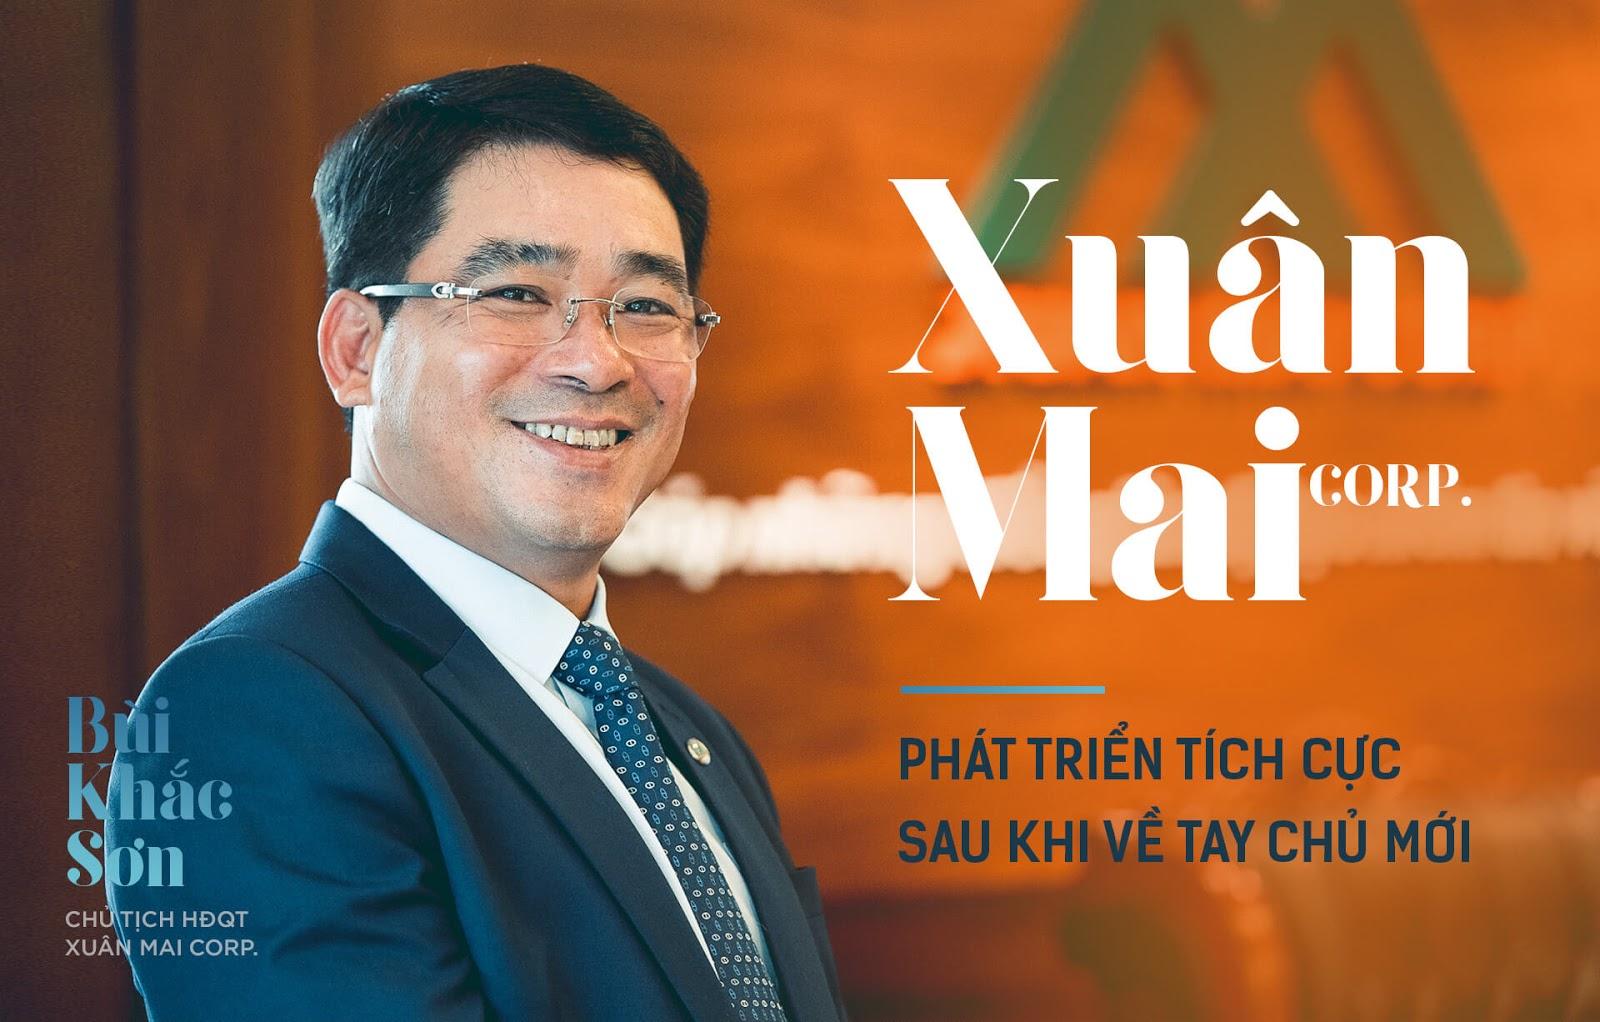 Chủ tịch Xuân Mai Corp - Bùi Khắc Sơn